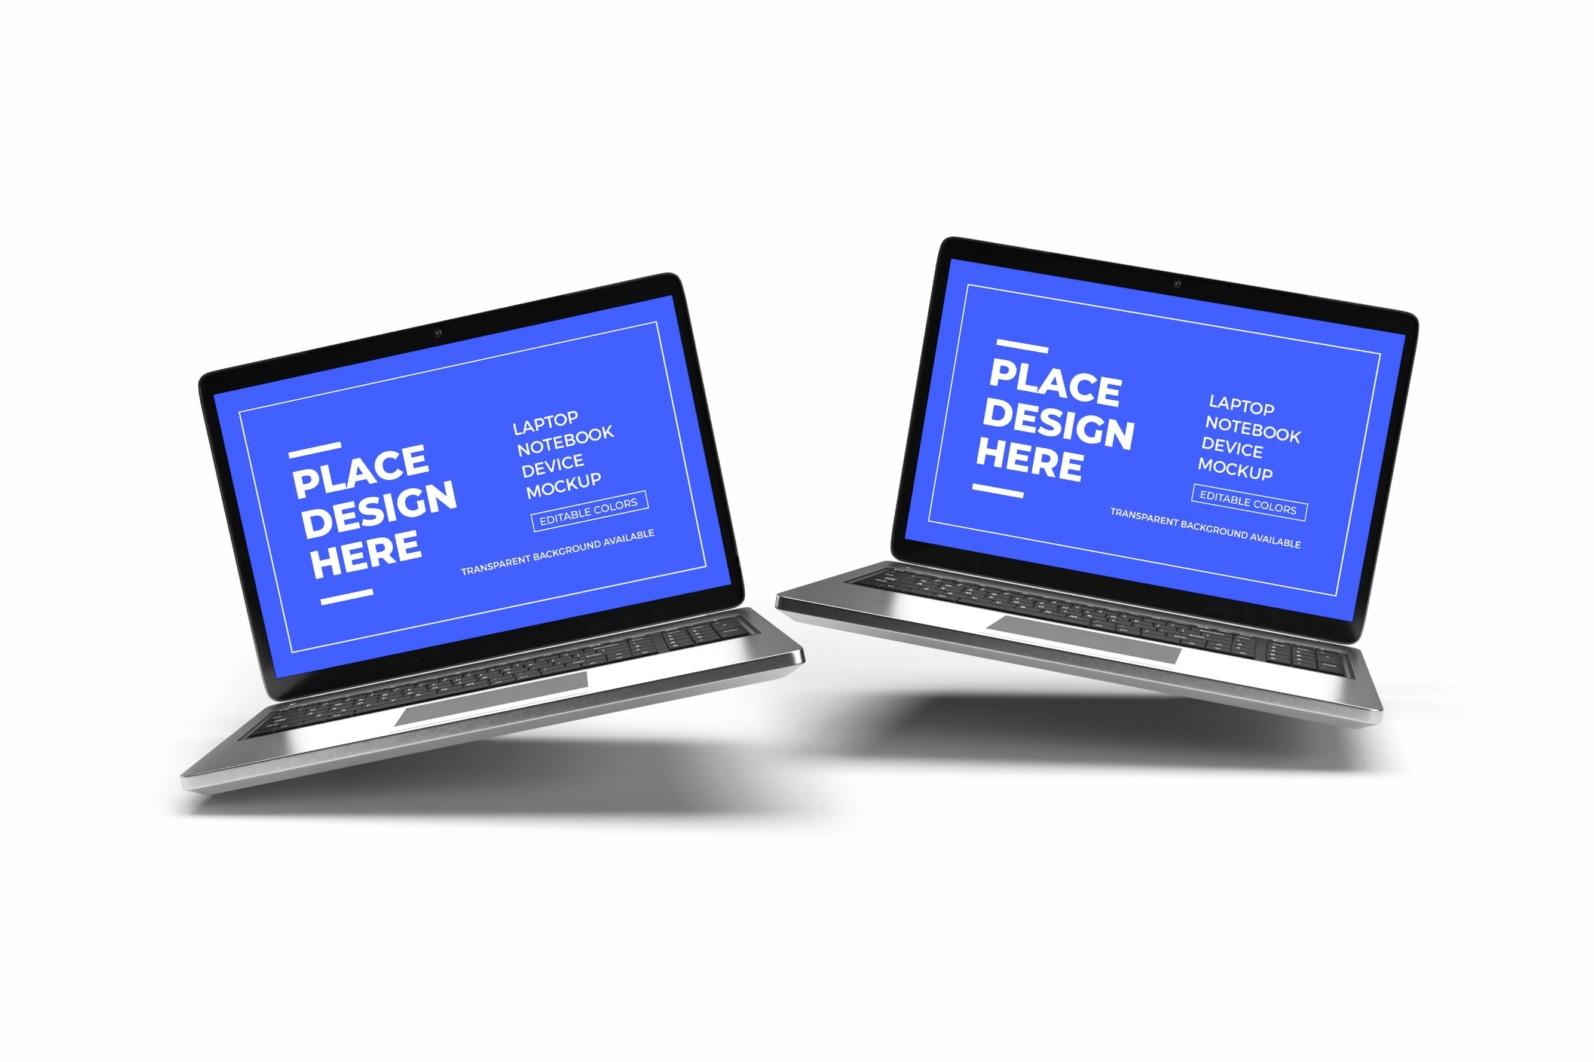 Laptop Notebook Device 3D Mockup Bundle 2 - 07 1 19 scaled -